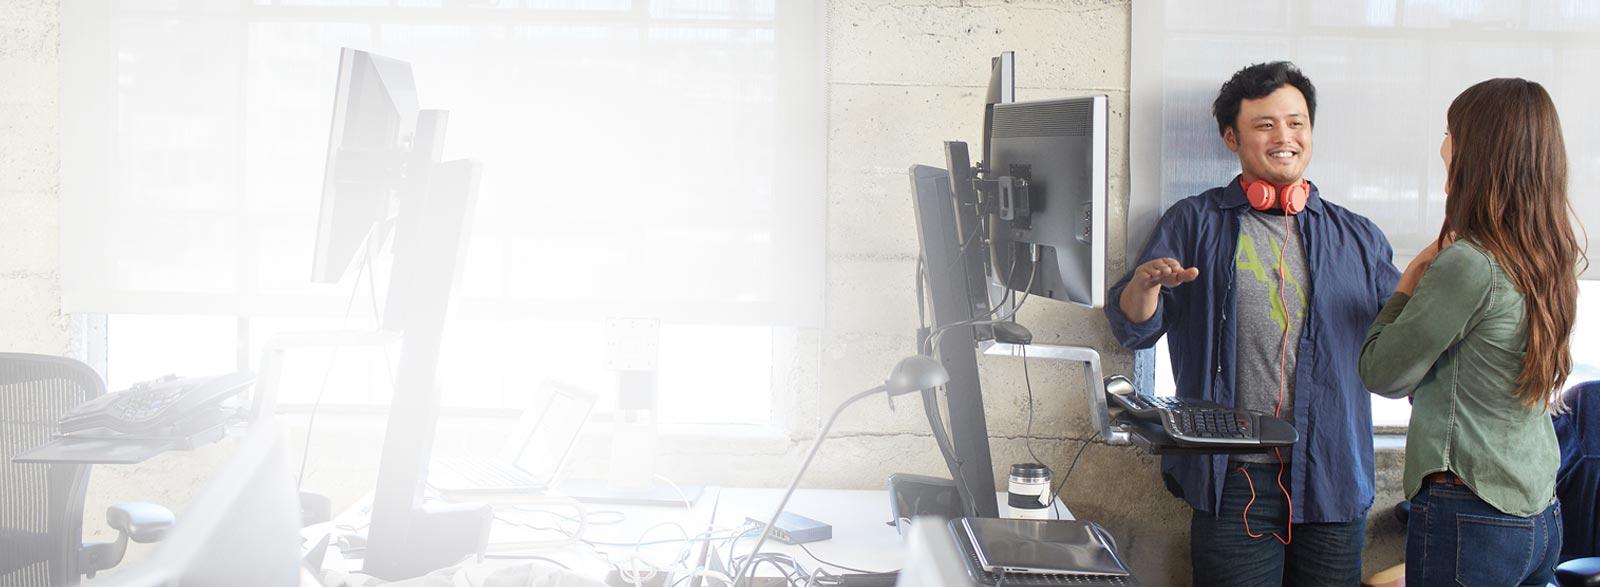 Een man en een vrouw staand in een kantoor, aan het werk met Office 365 Business Premium.